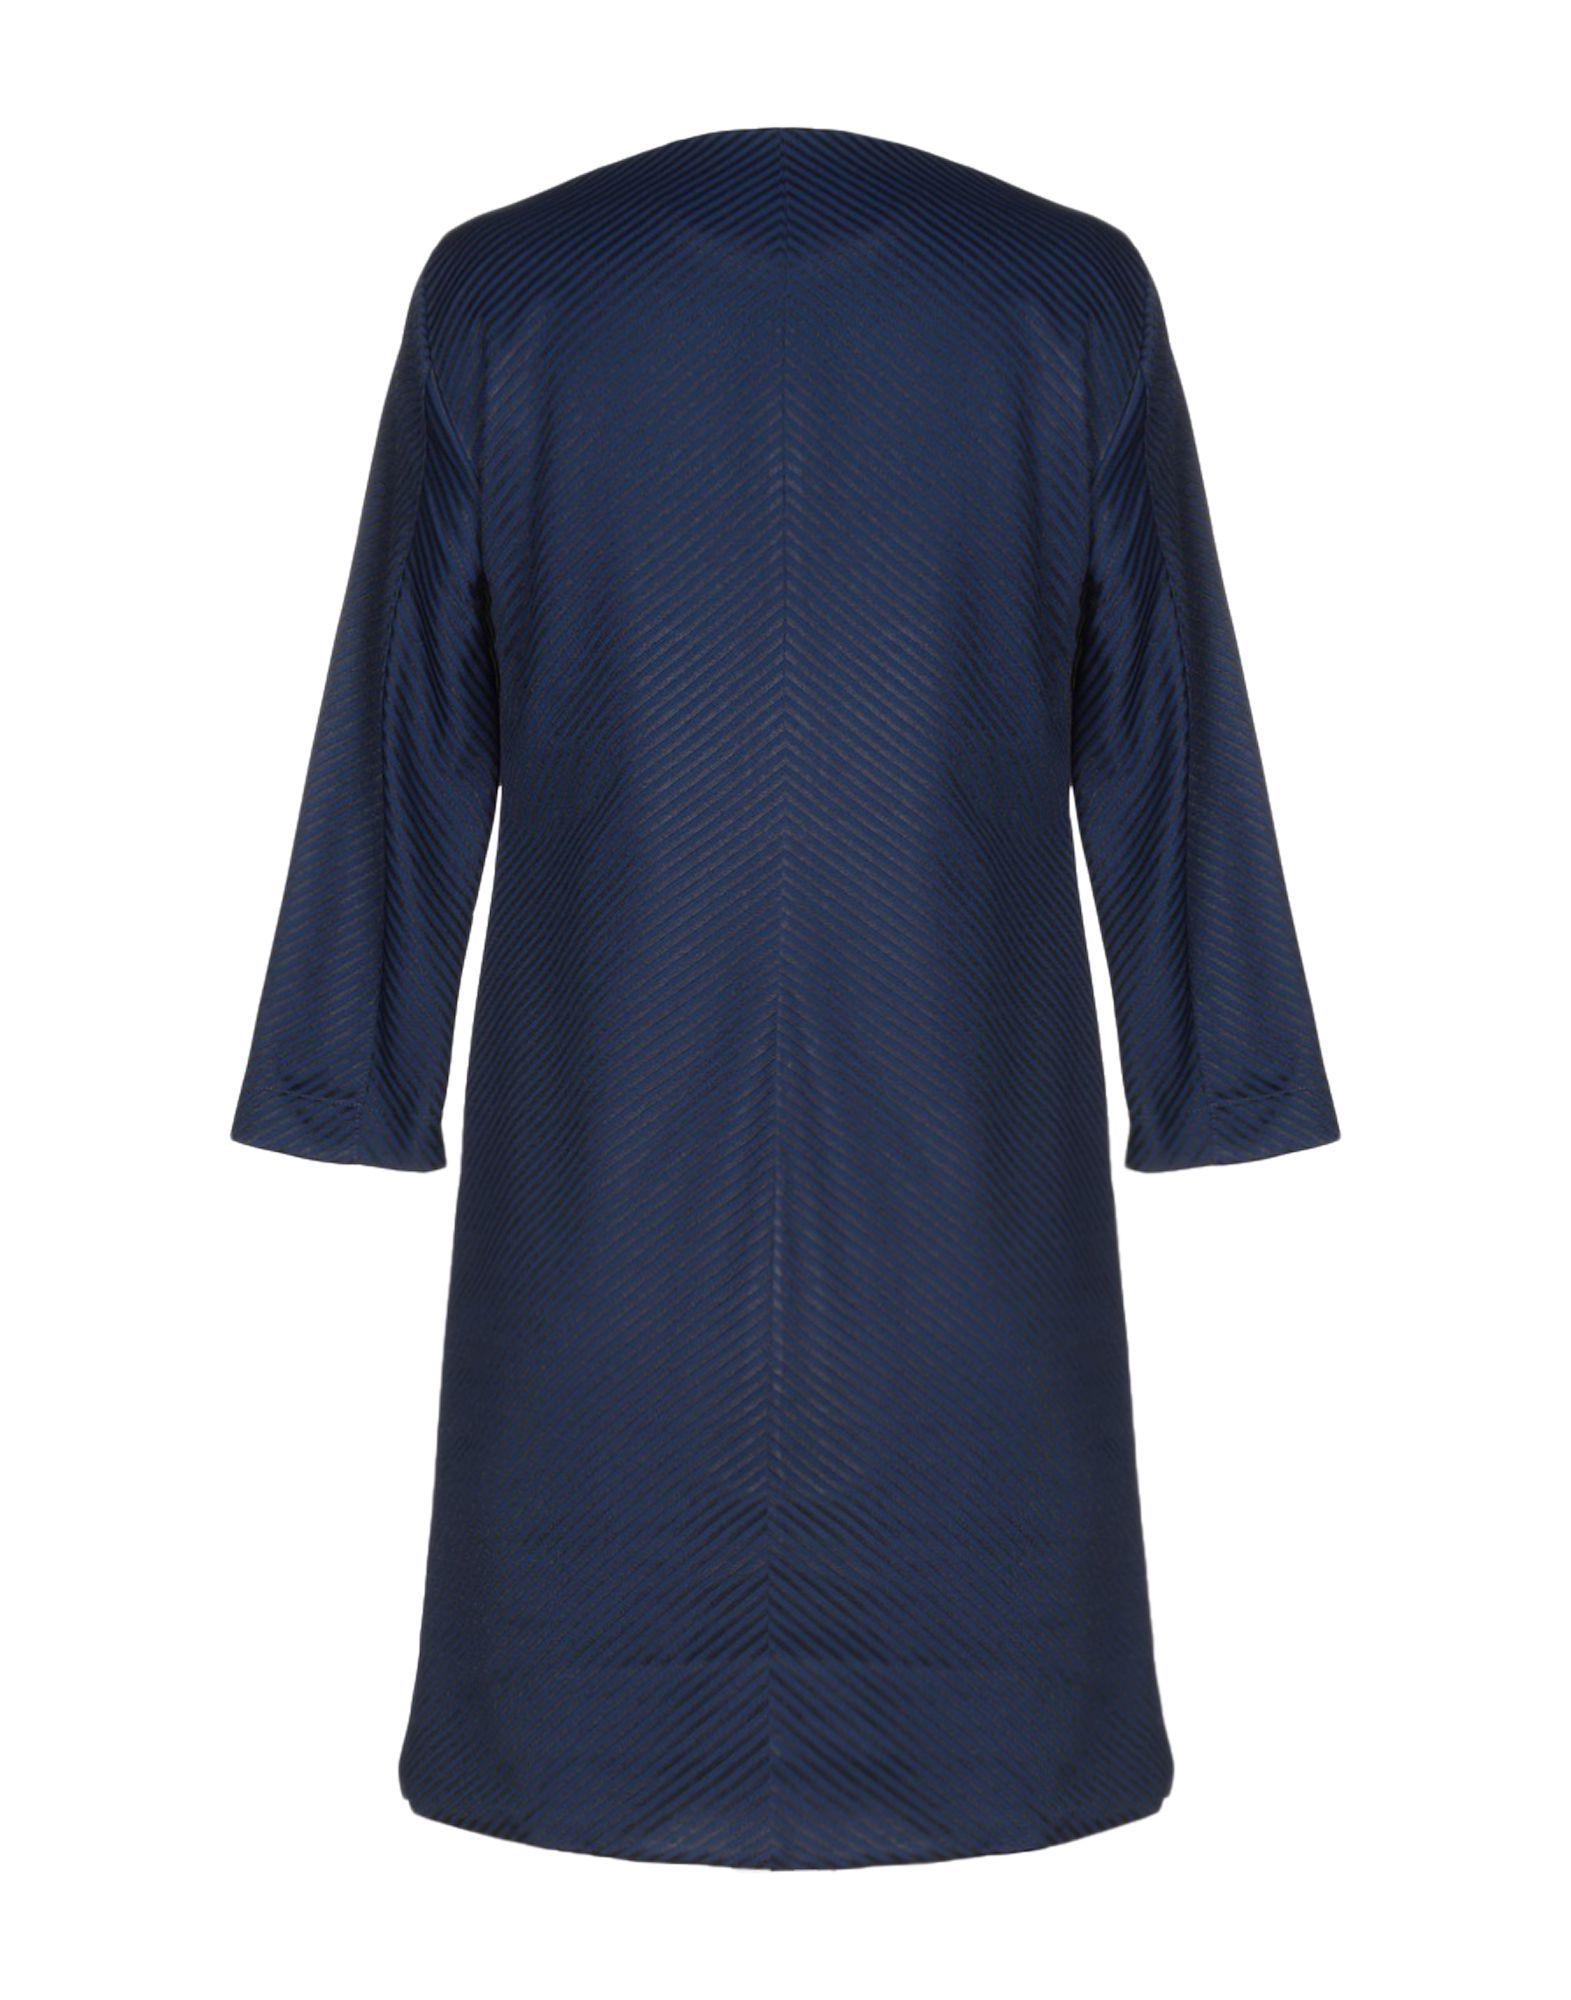 Dress Peter A & Chronicles Dark Blue Women's Wool